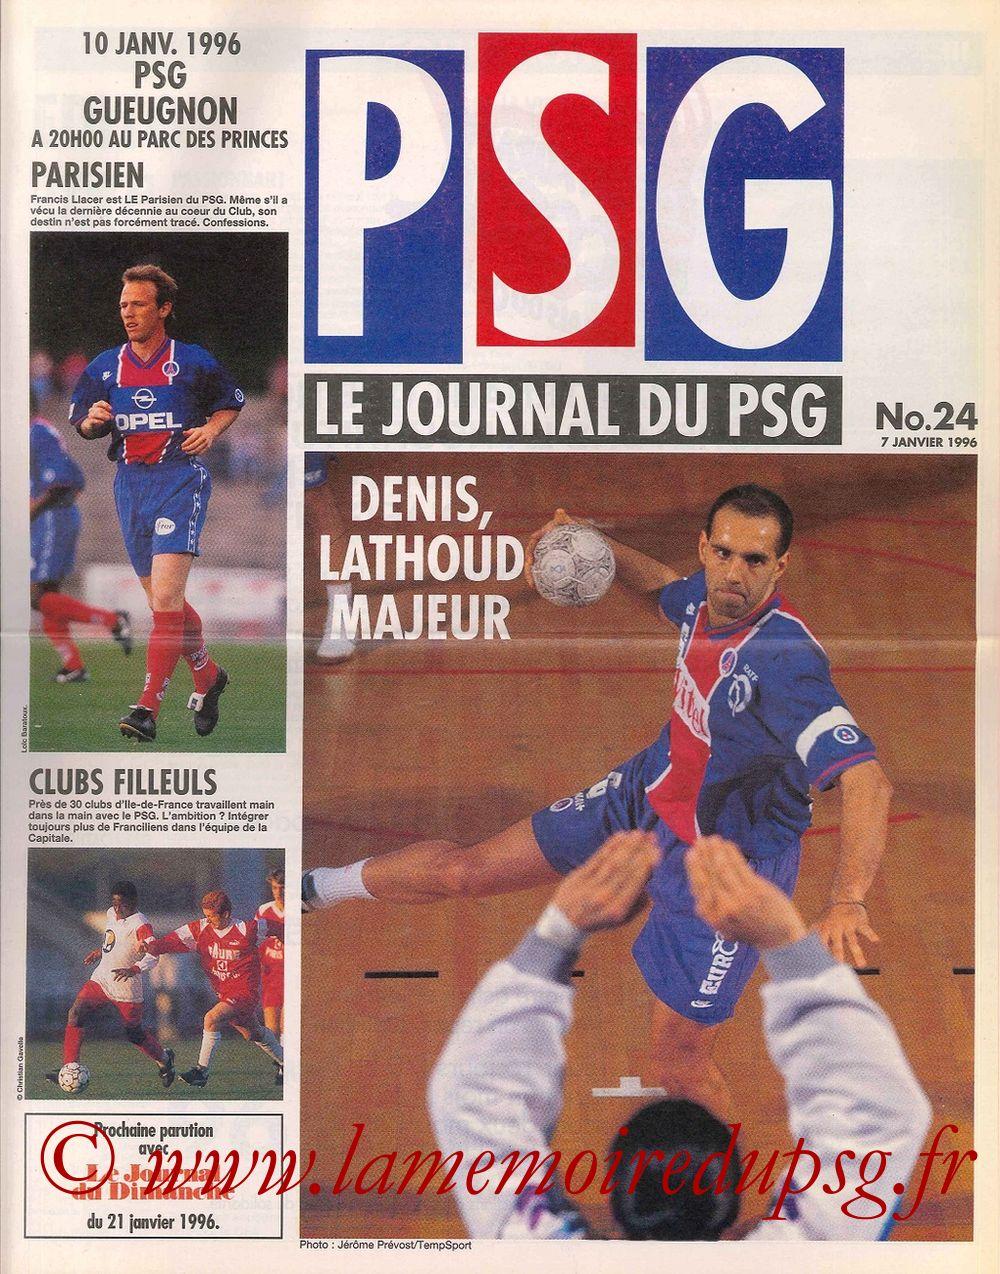 1996-01-10  PSG-Gueugnon (31ème D1, Le journal du PSG N°24)